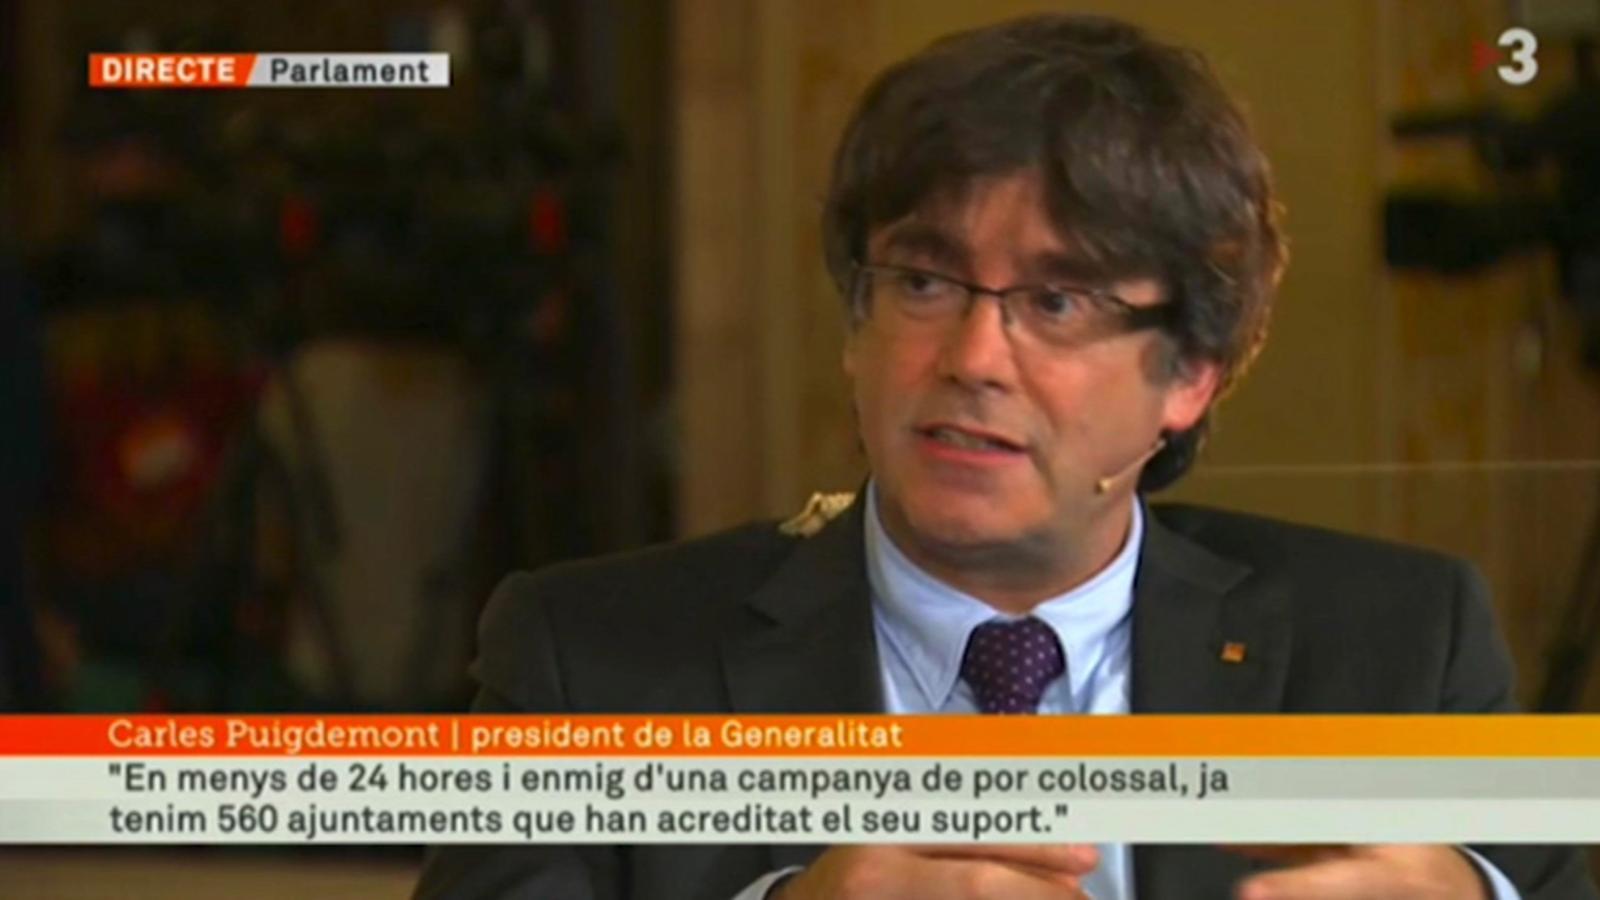 Puigdemont: En menys de 24 hores ja tenim 16.000 col·laboradors i més de 560 ajuntaments que ja han acreditat el seu suport